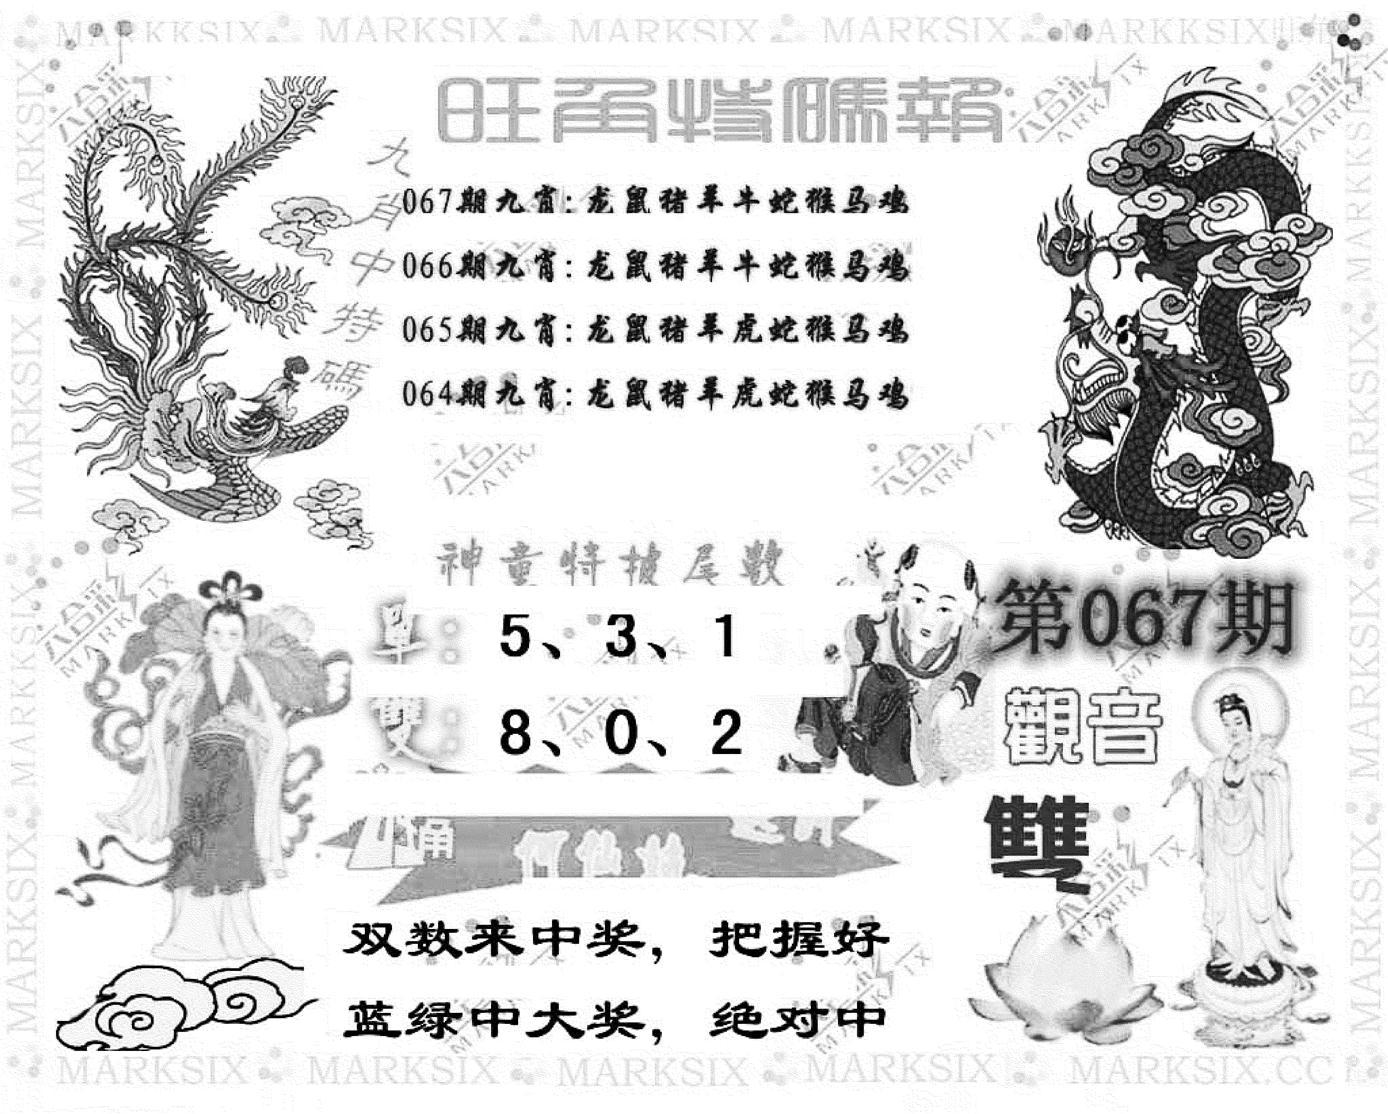 067期旺角特码报(彩)(黑白)